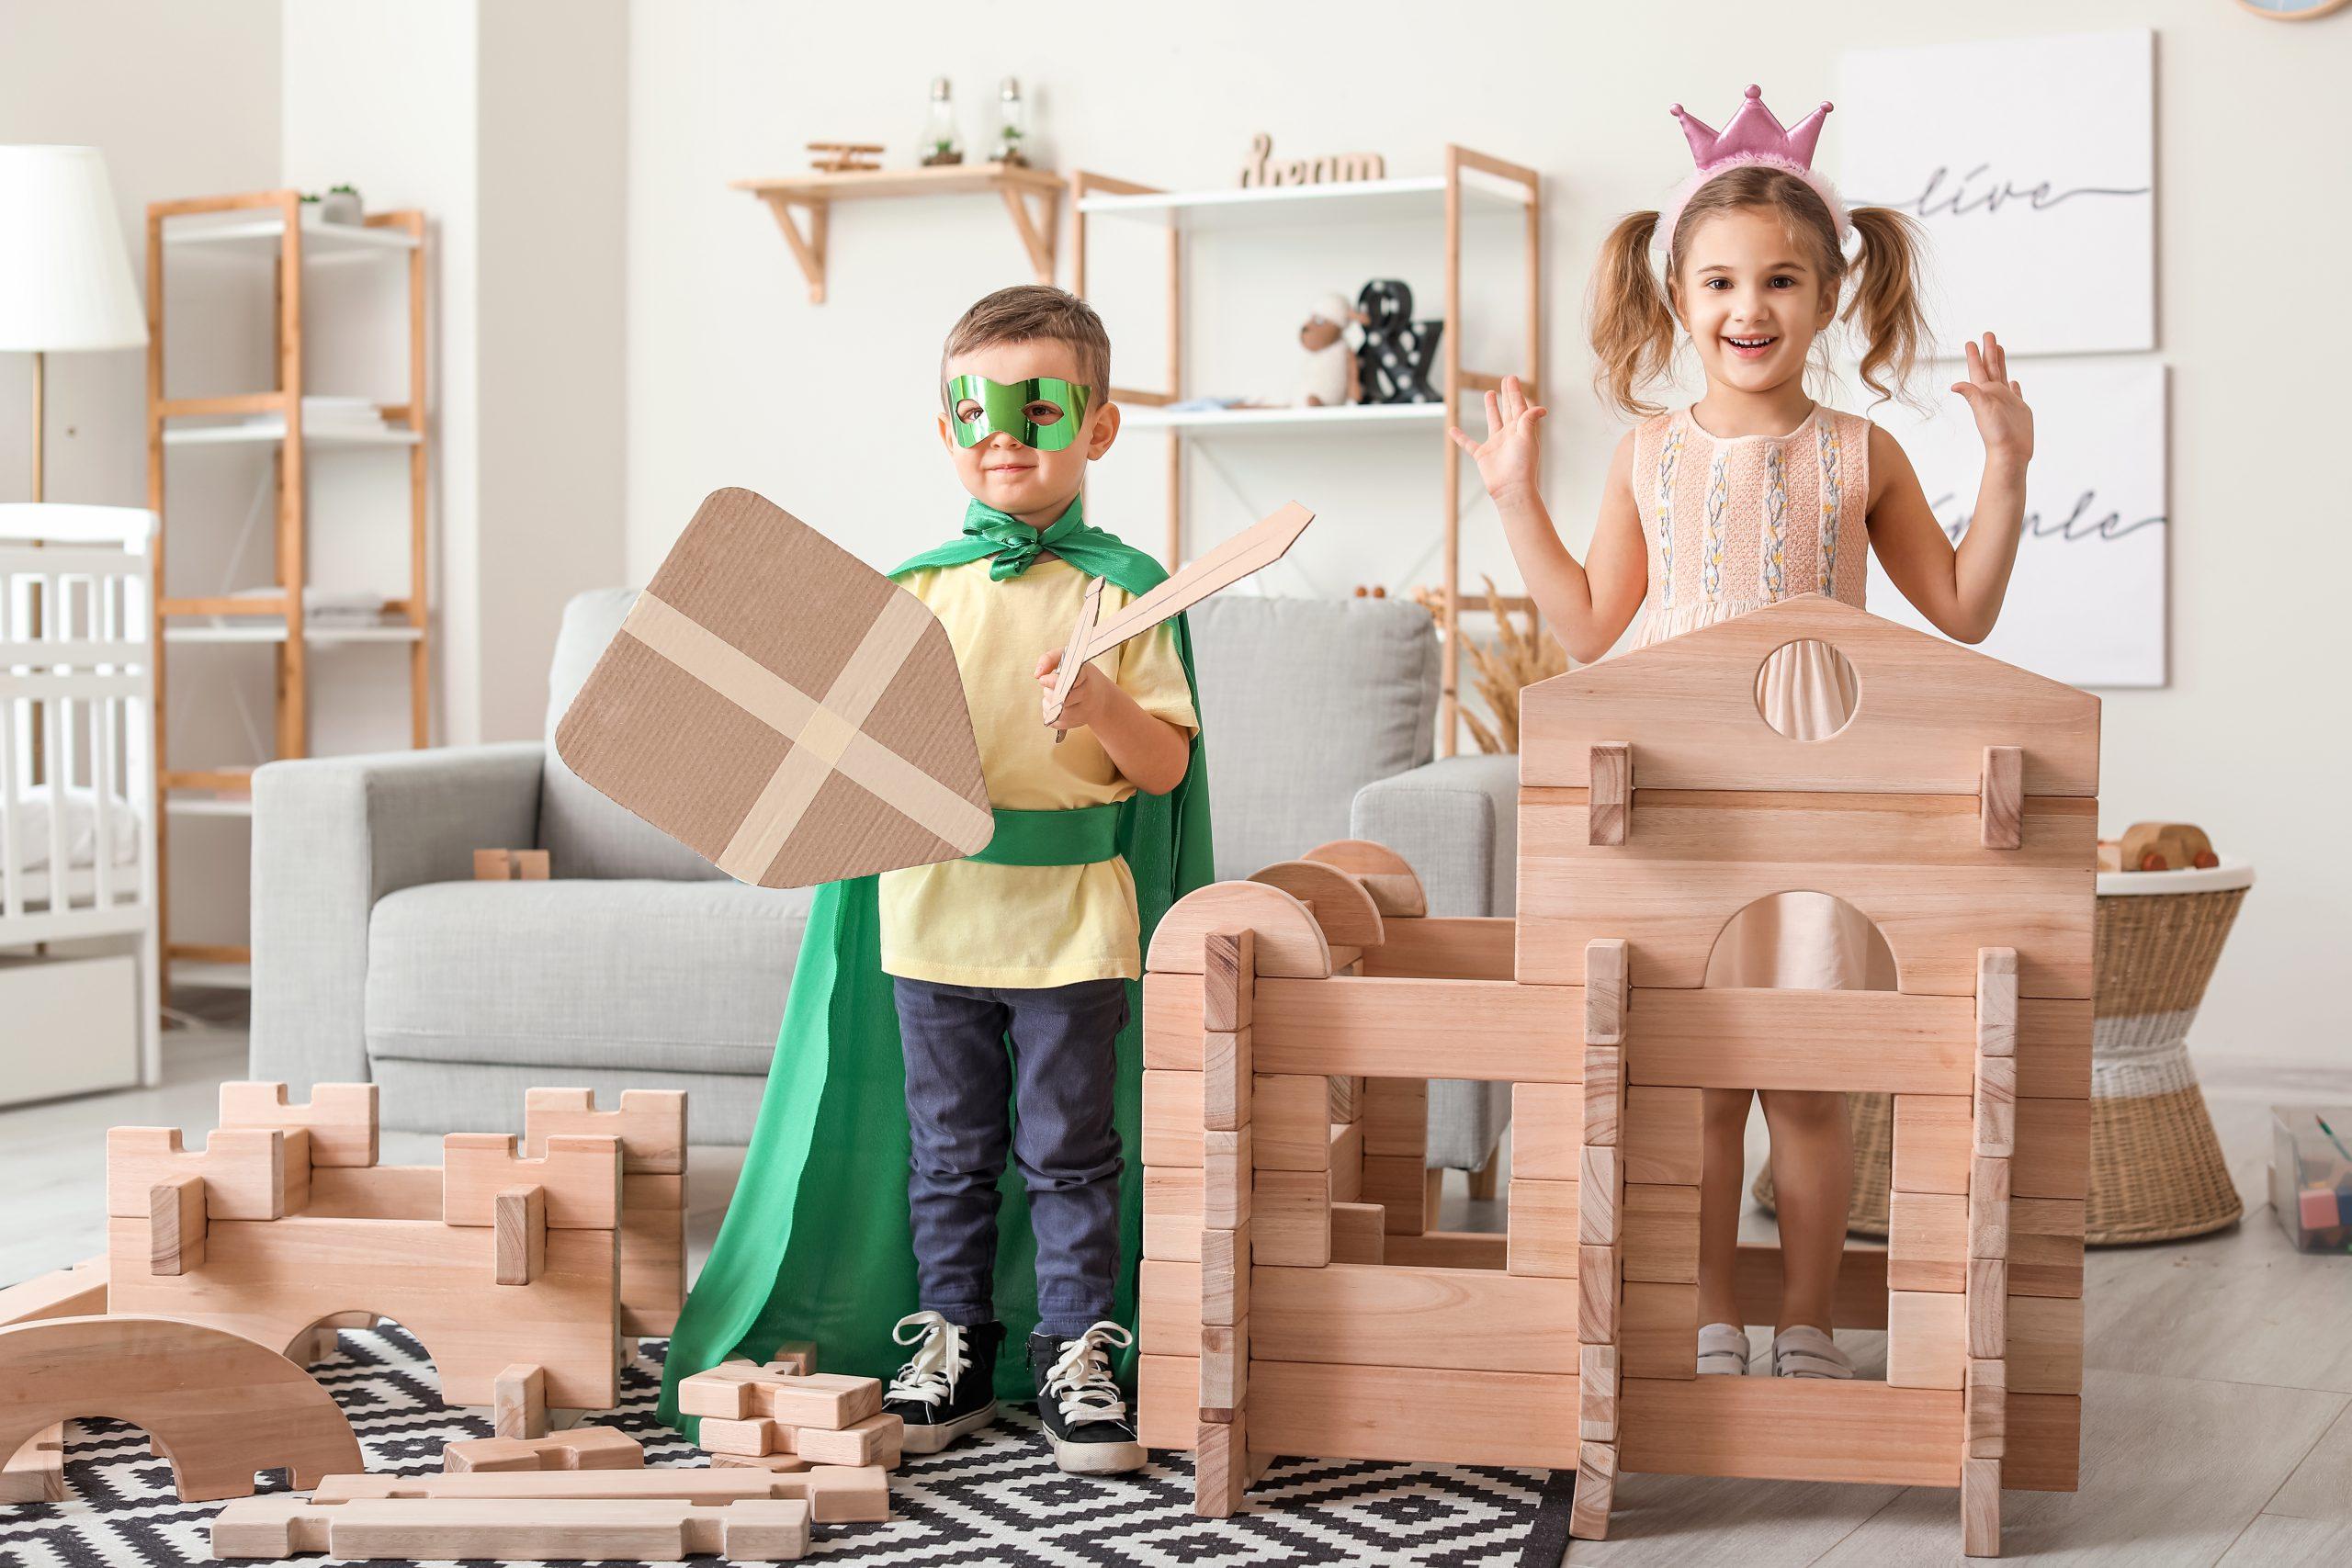 Лучшие деревянные конструкторы для детей в 2021 году